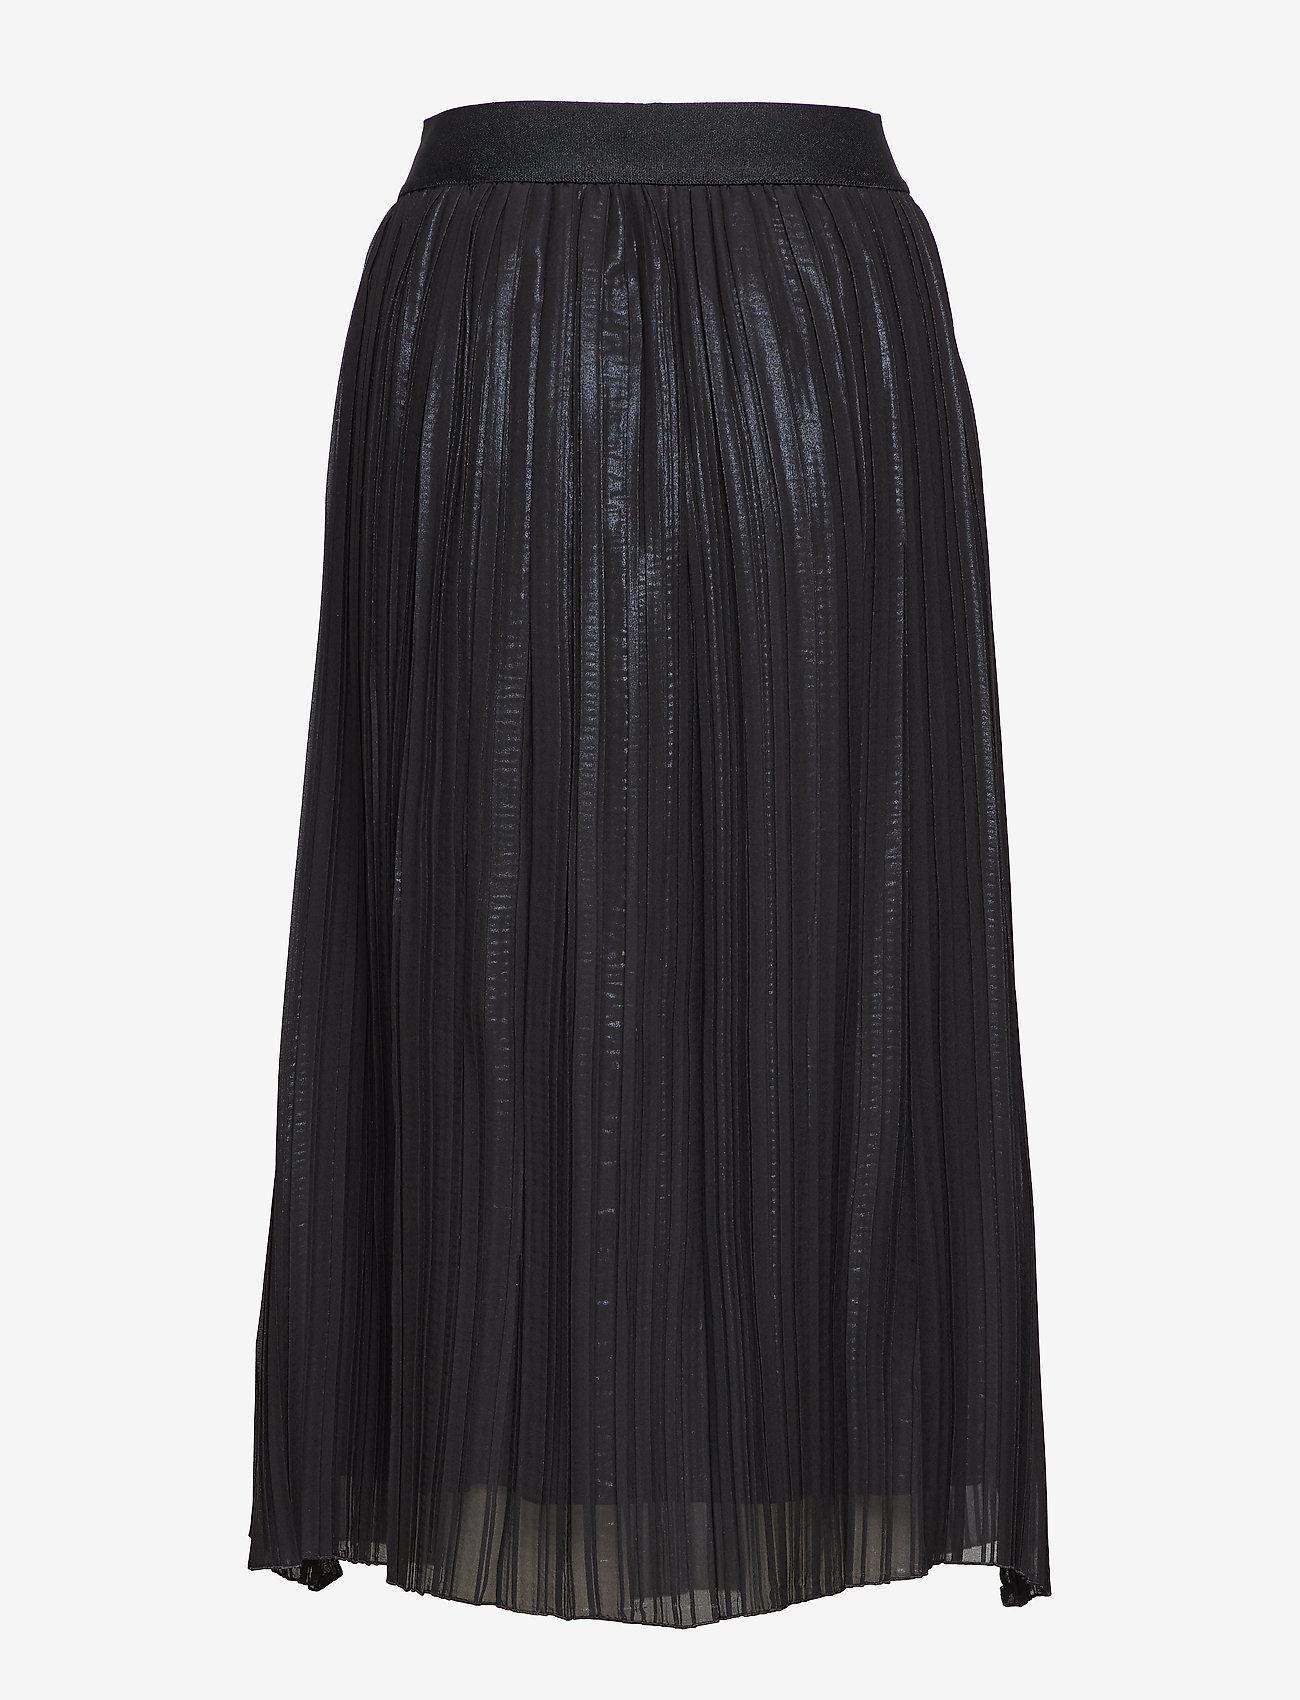 Alice (Black Foiled Skirt) - Sportmax Code Uw5NrI